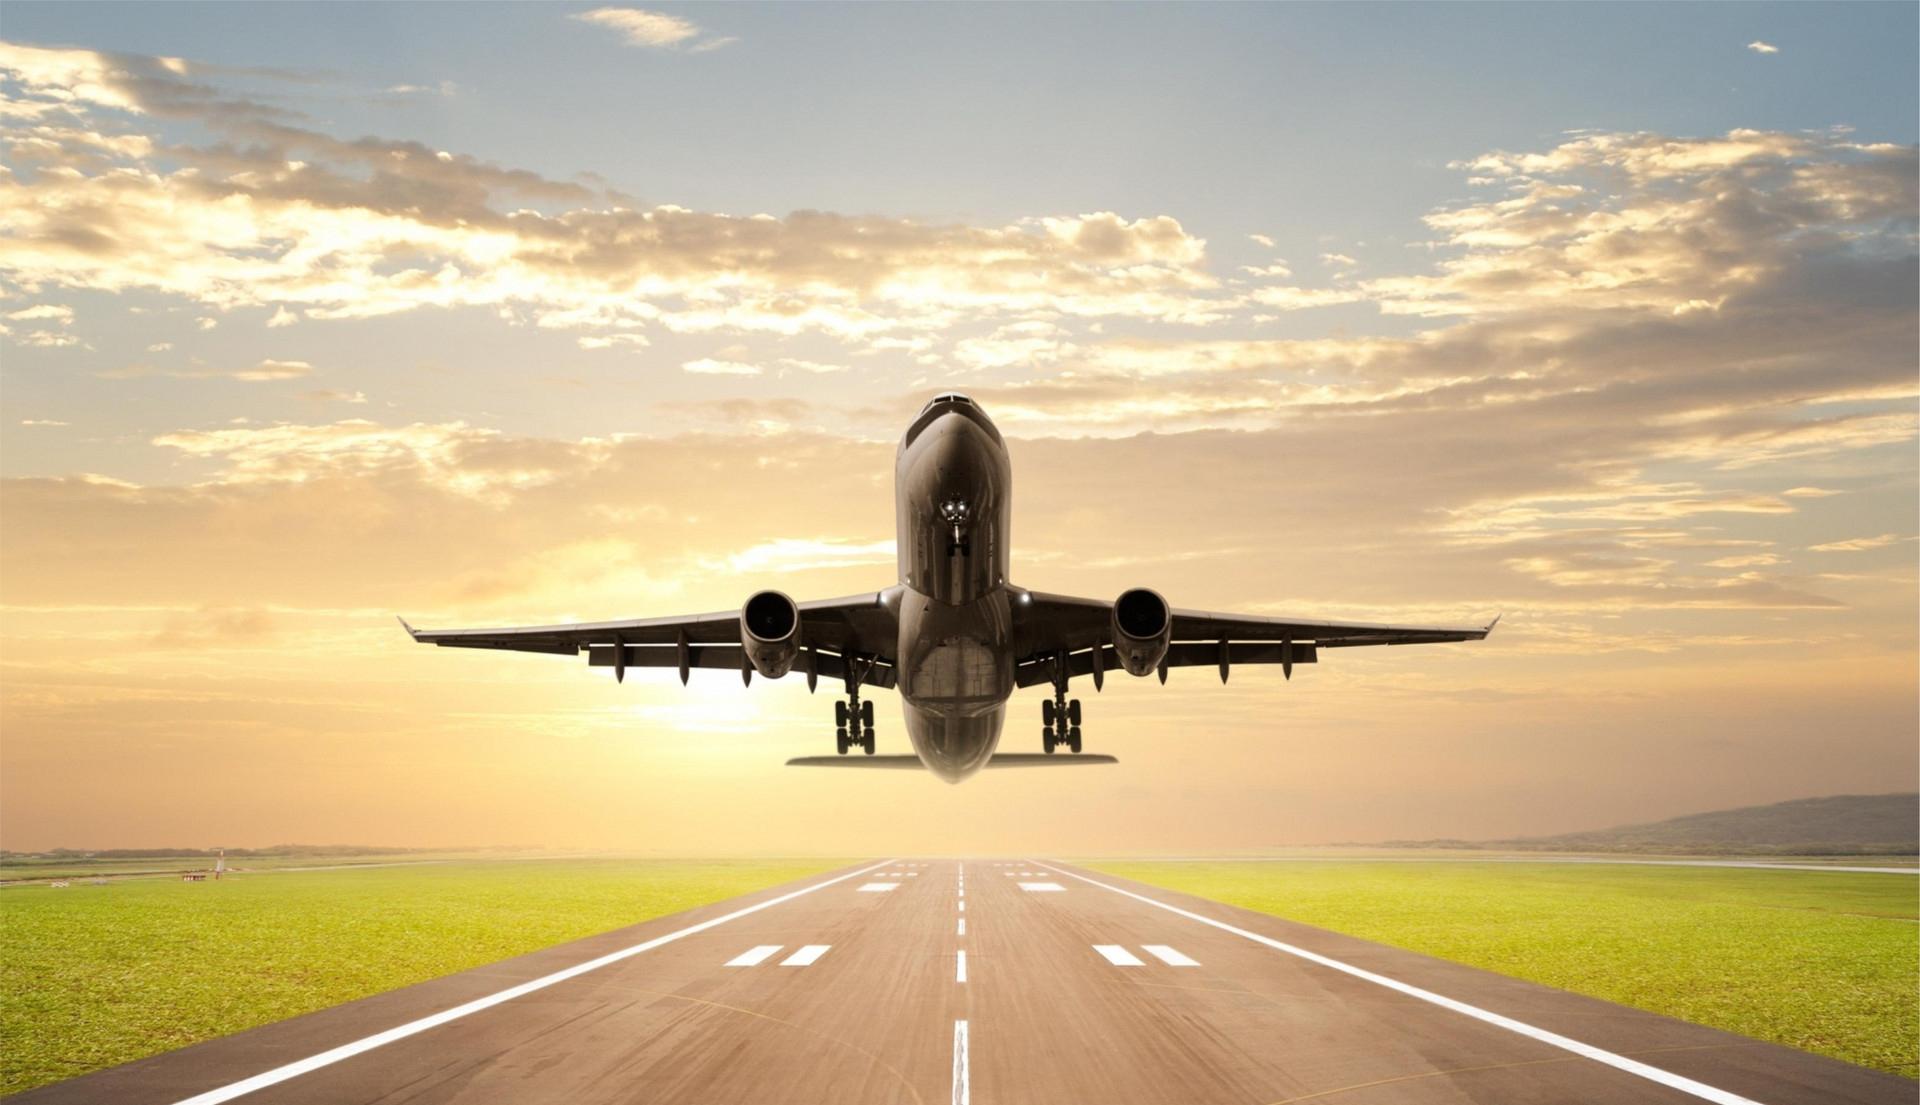 波音终于低头!承认737MAX飞行模拟器软件缺陷 或面临数十亿美元赔偿